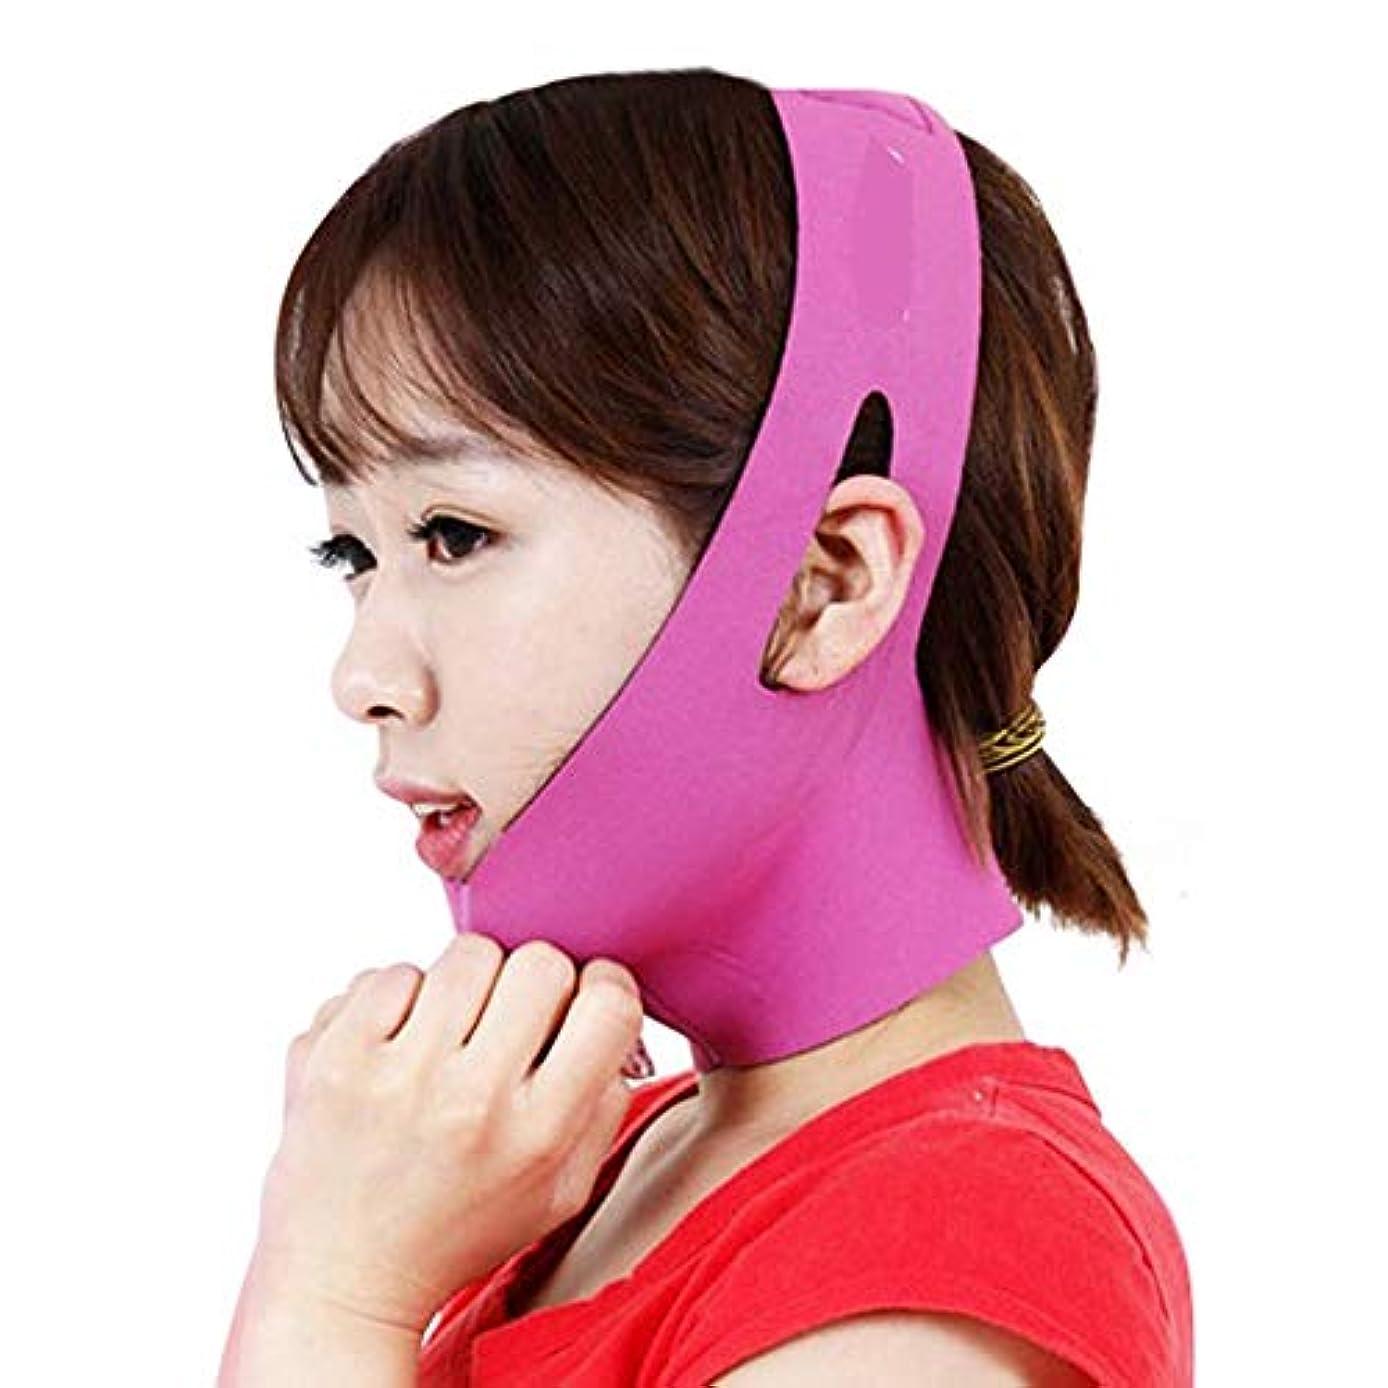 くさびおとうさんアーサーフェイシャルリフティング痩身ベルト圧縮二重あご減量ベルトスキンケア薄い顔包帯二重あごワークアウト (色 : Pink)